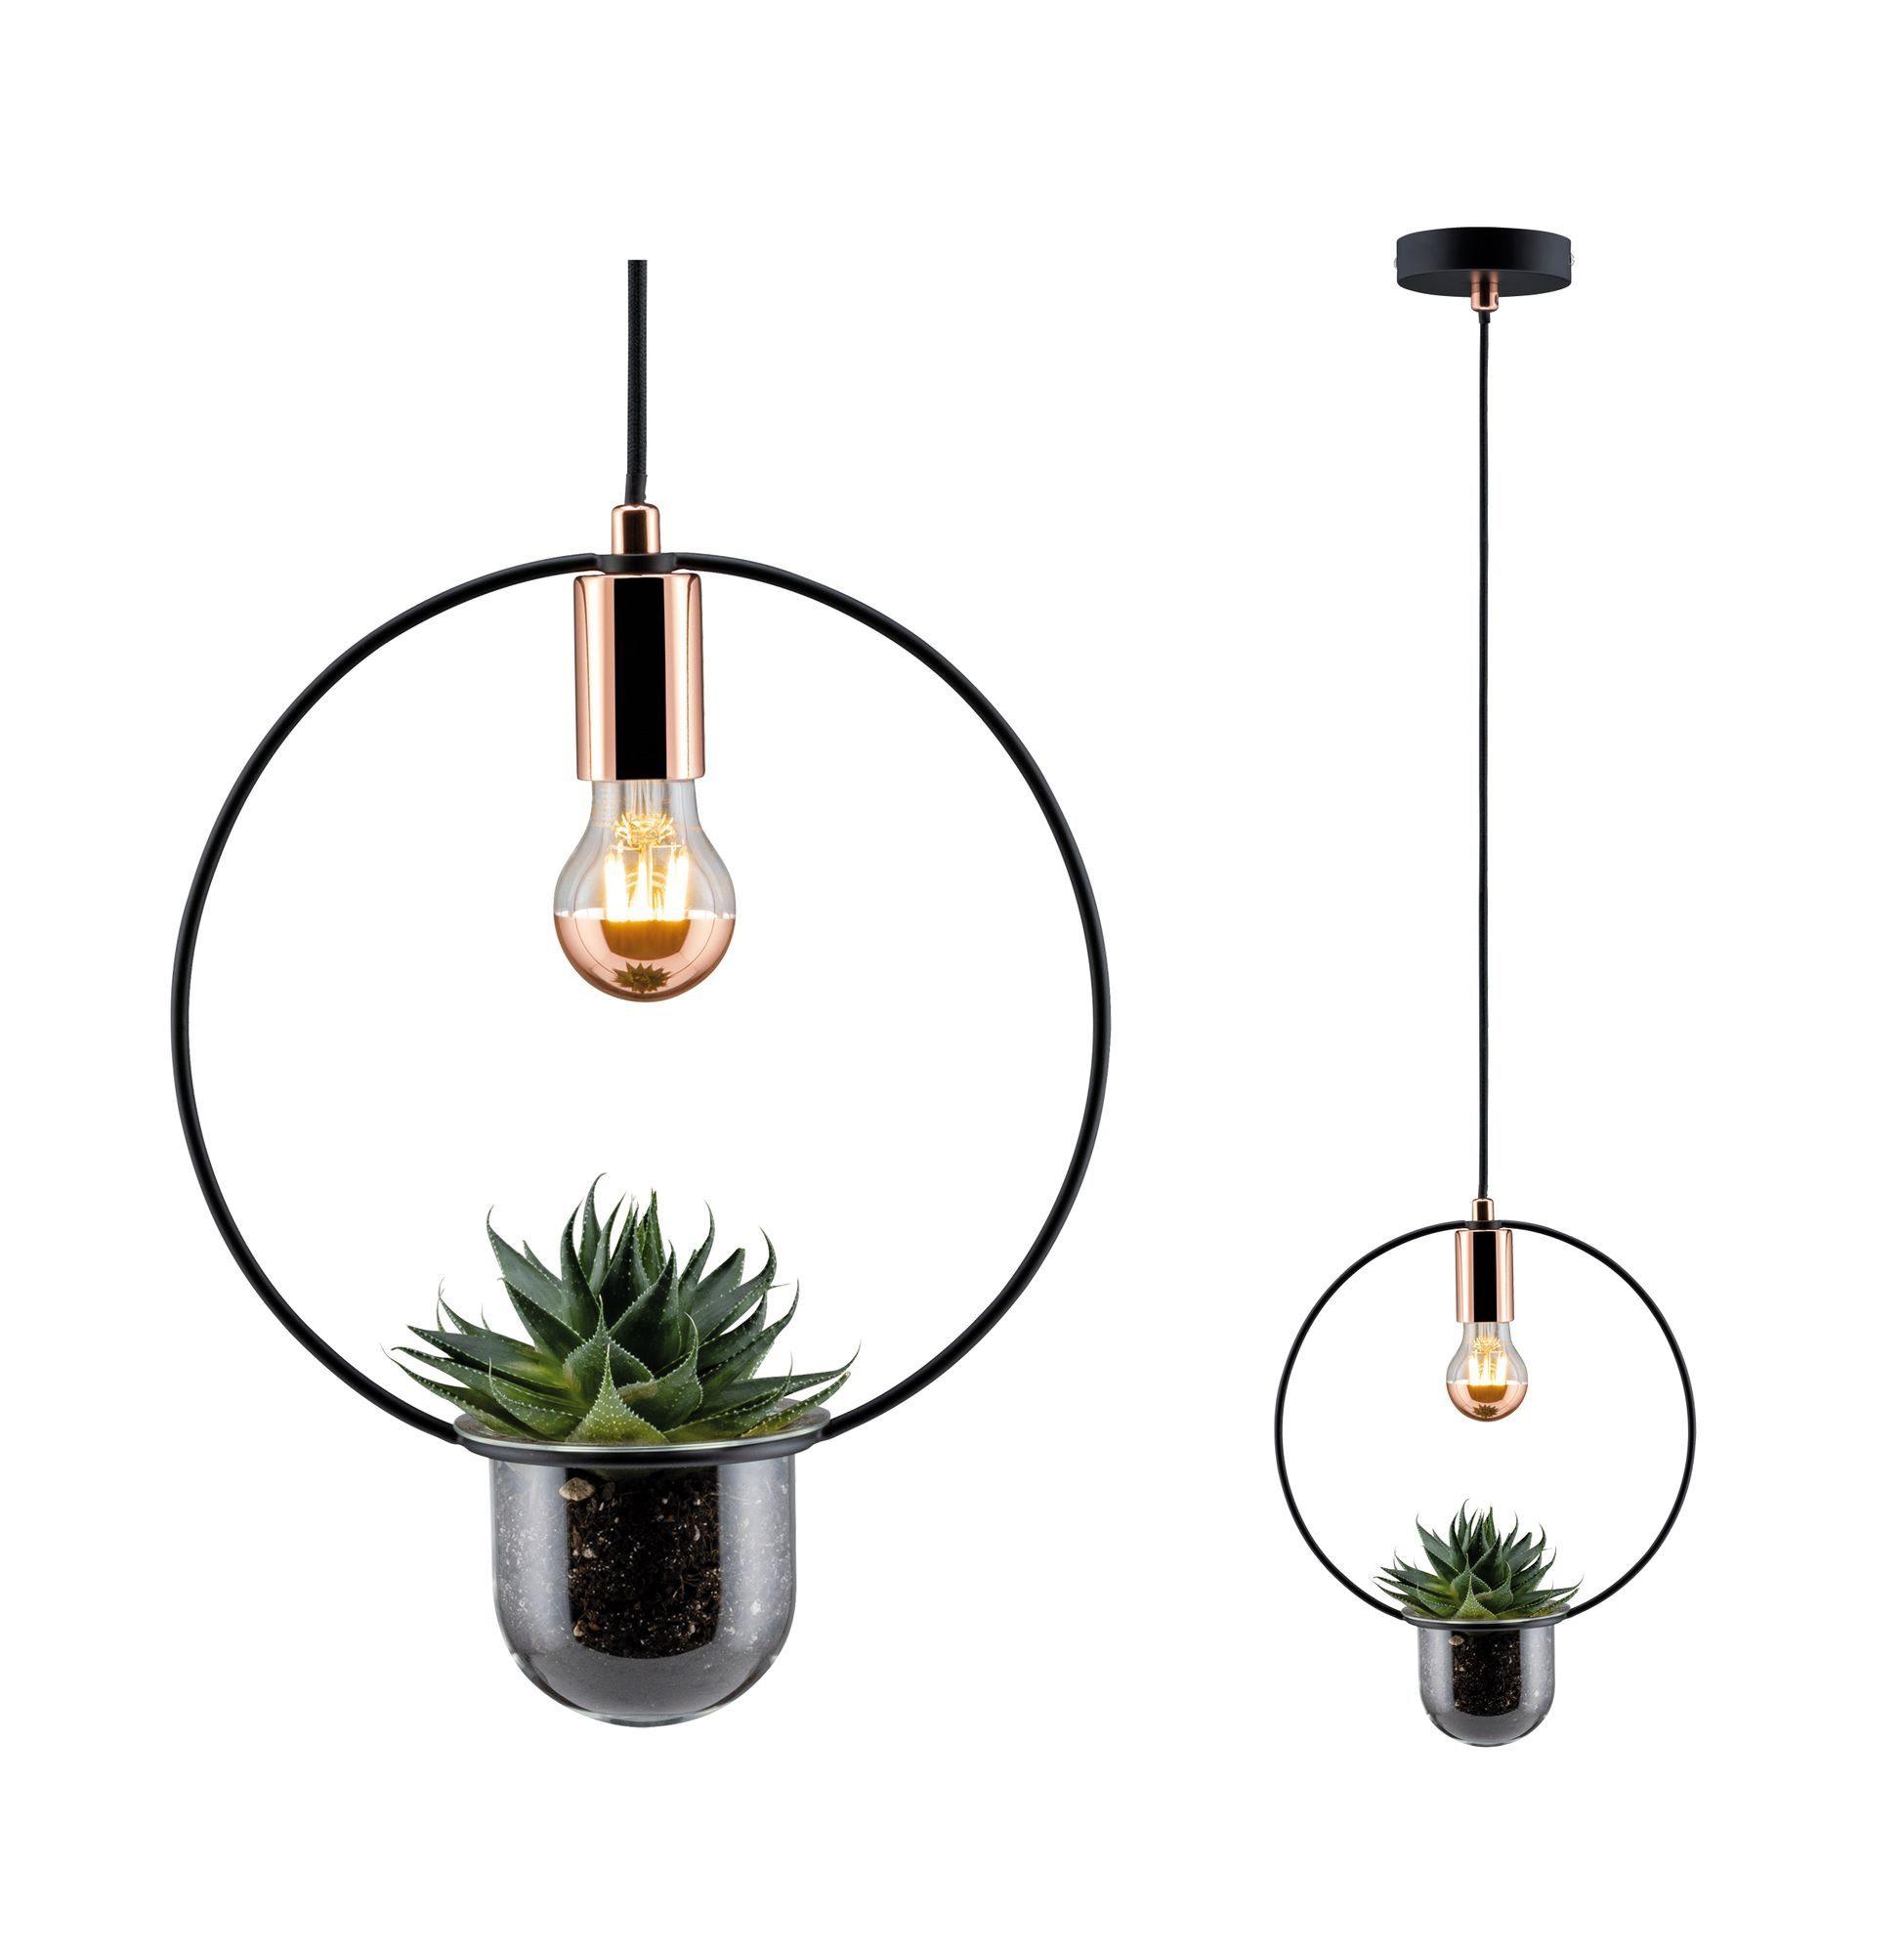 Paulmann,LED Tischleuchte Tasja Schwarz/Kupfer 1-flammig Pflanzenleuchte